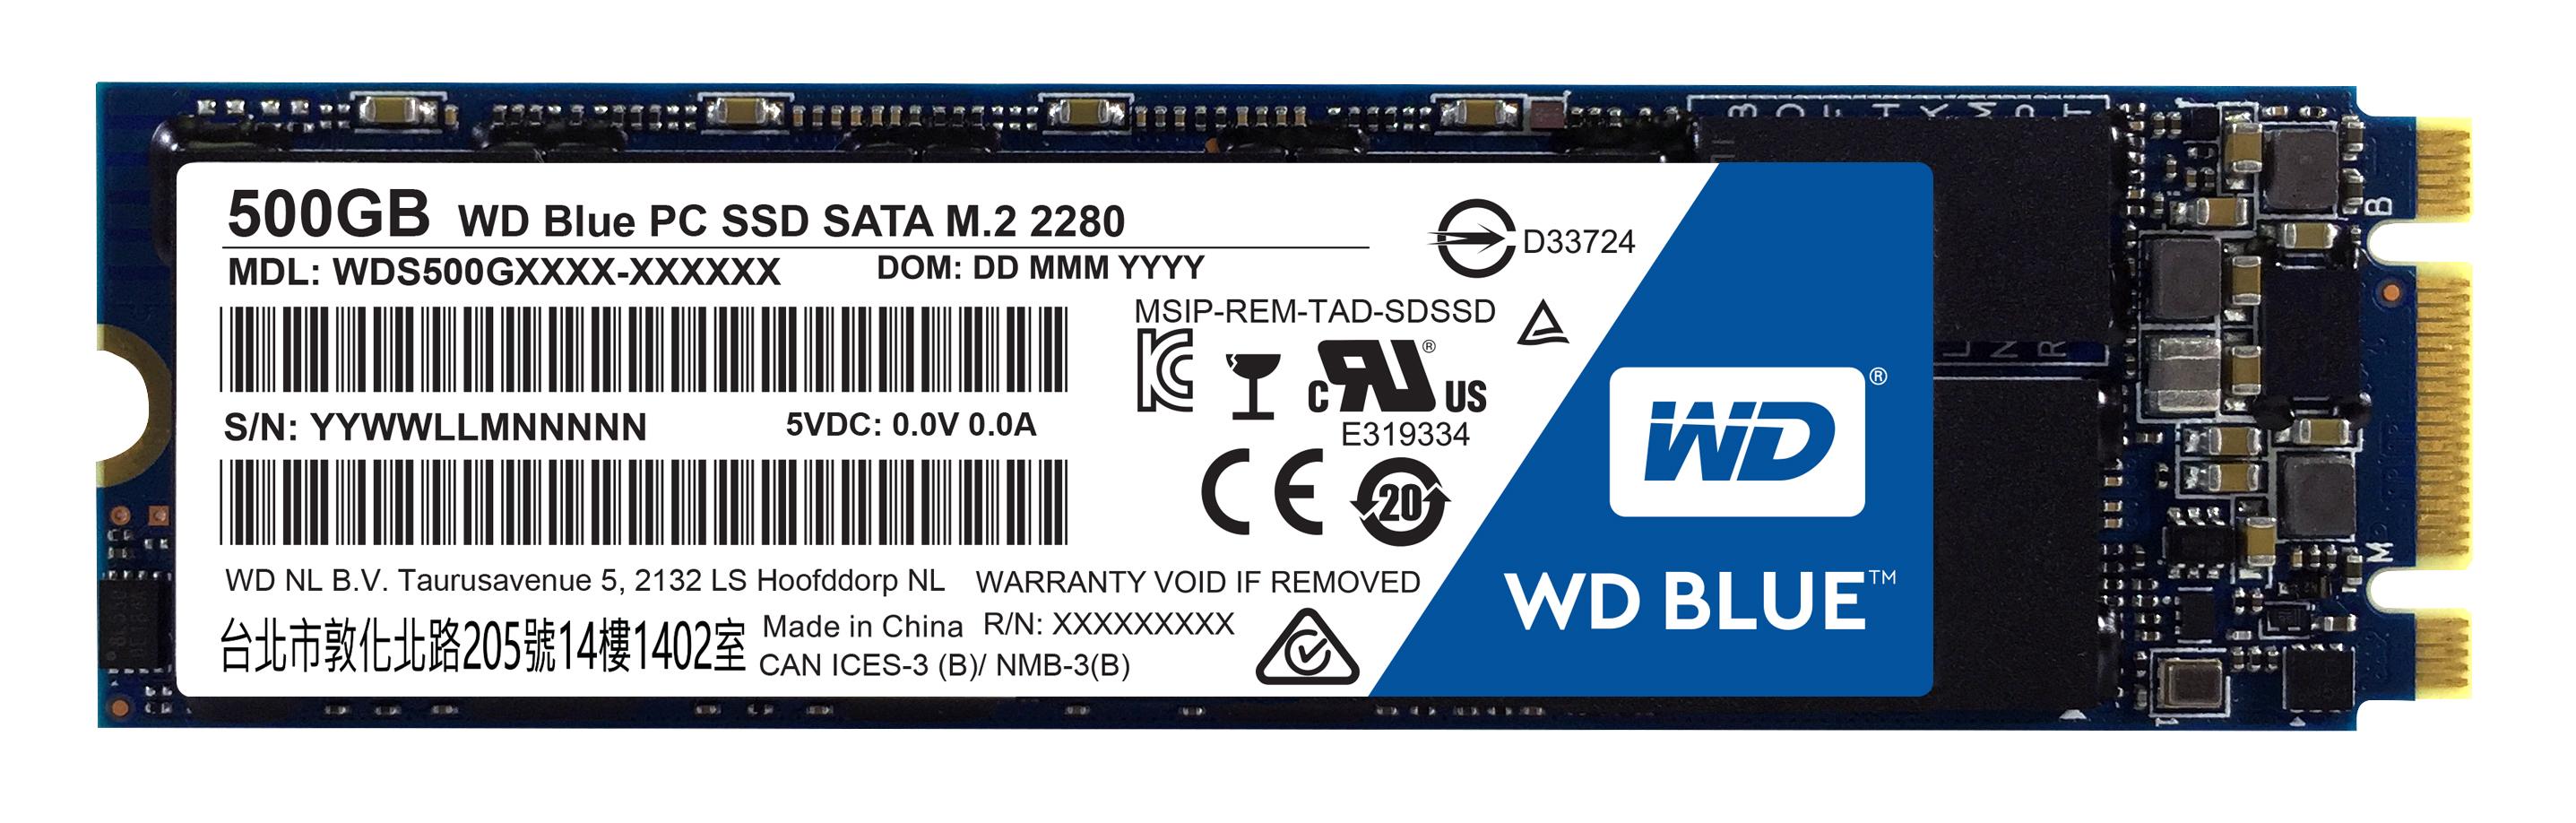 WD BLUE SSD WDS500G1B0B 500GB SATA/600 M.2 2280